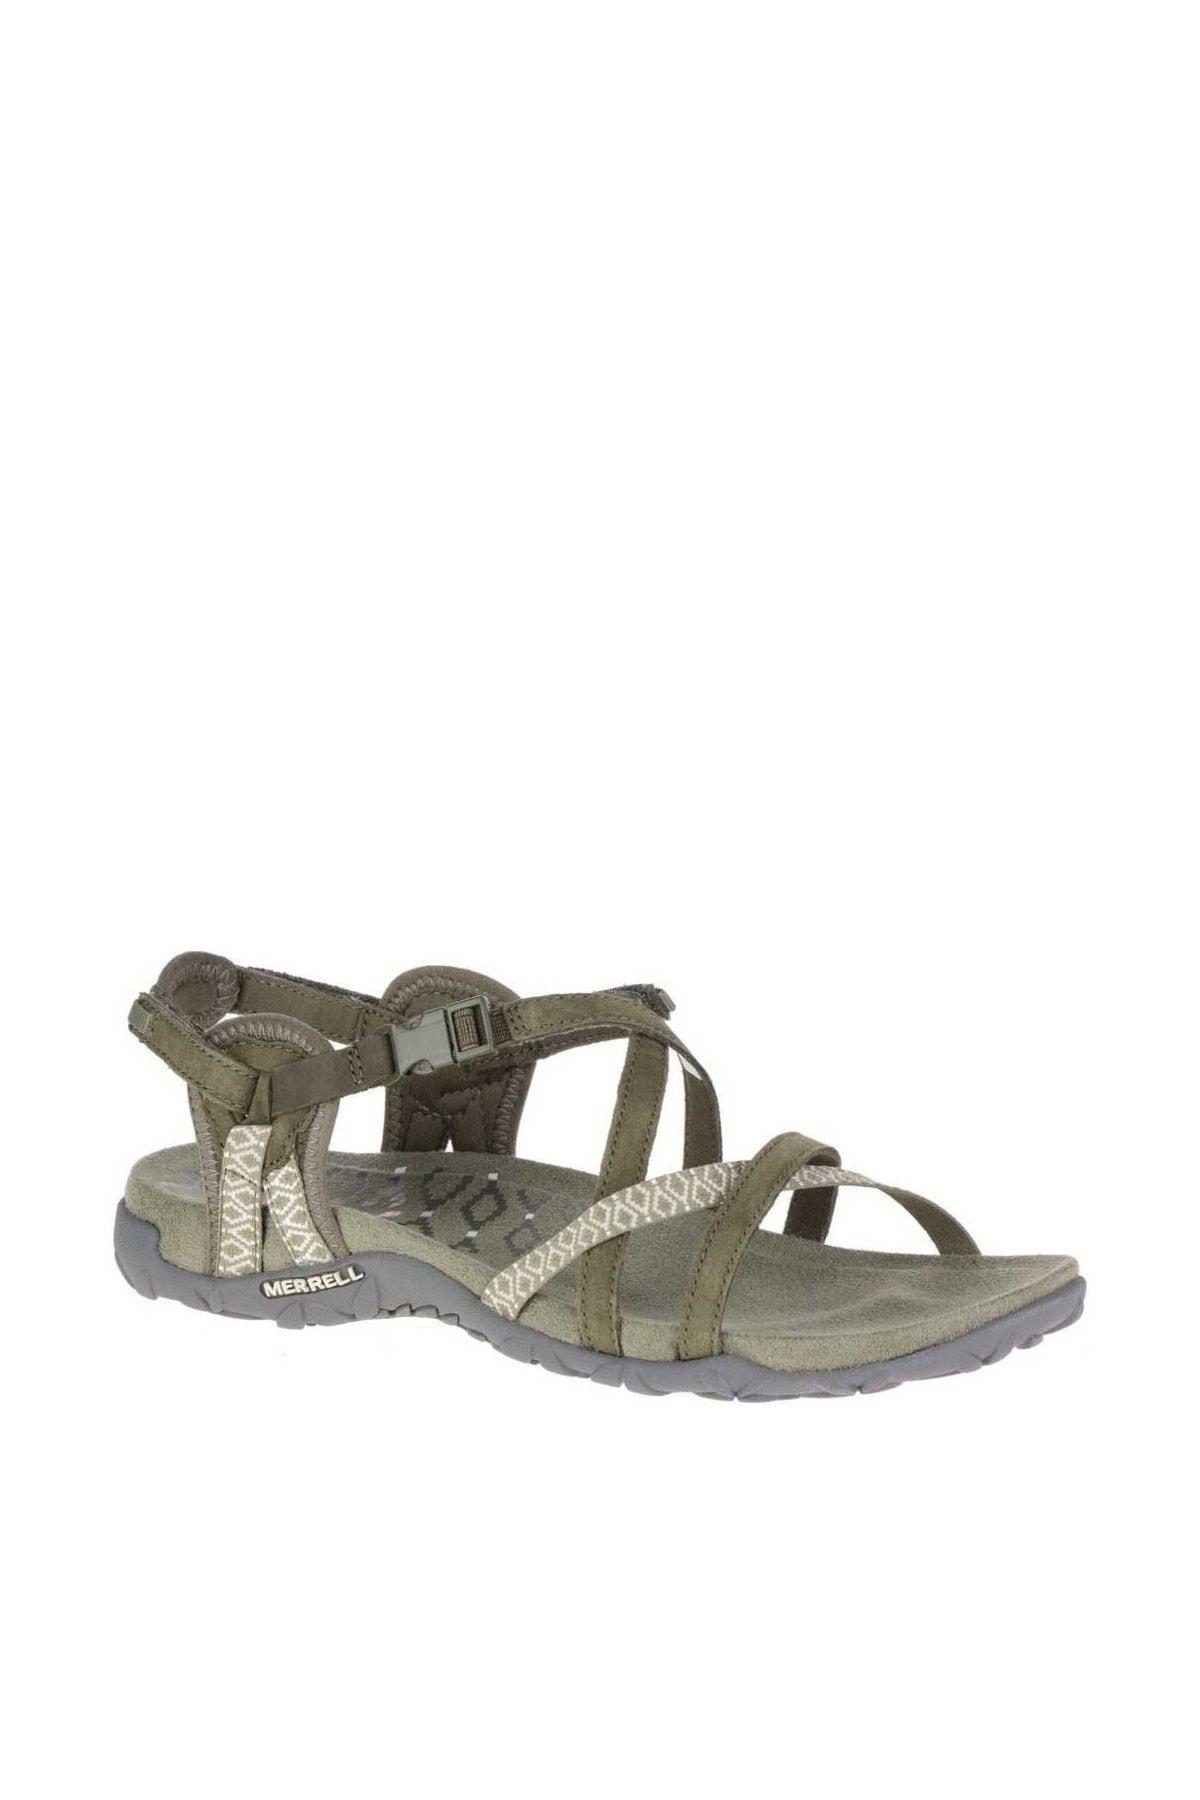 Merrell Terran Lattice İi Ayakkabı J98756 1